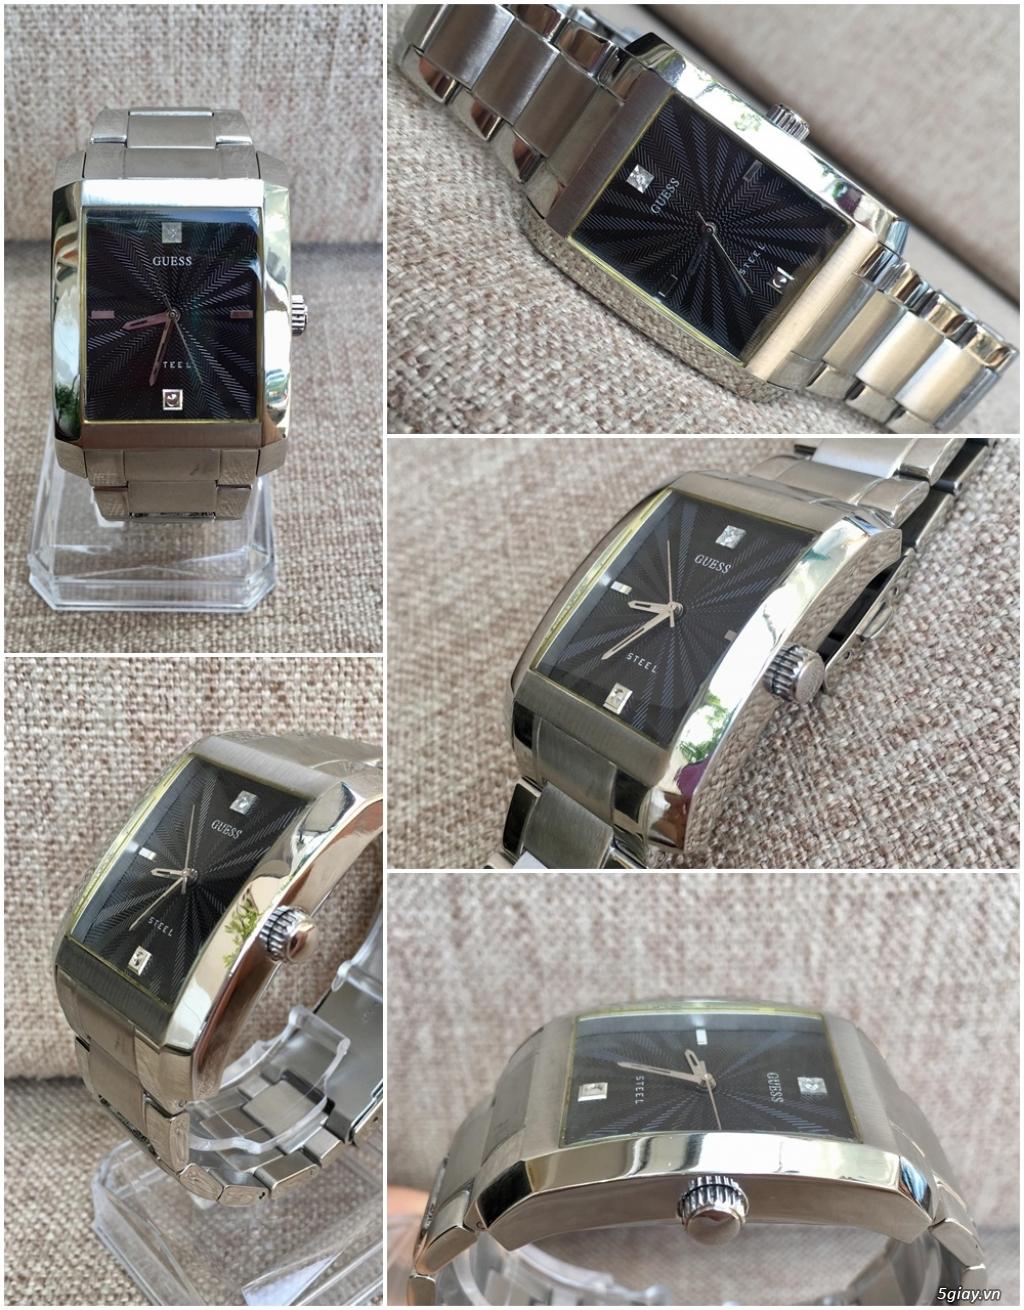 Kho đồng hồ  chính hãng secondhand update liên tục - 5